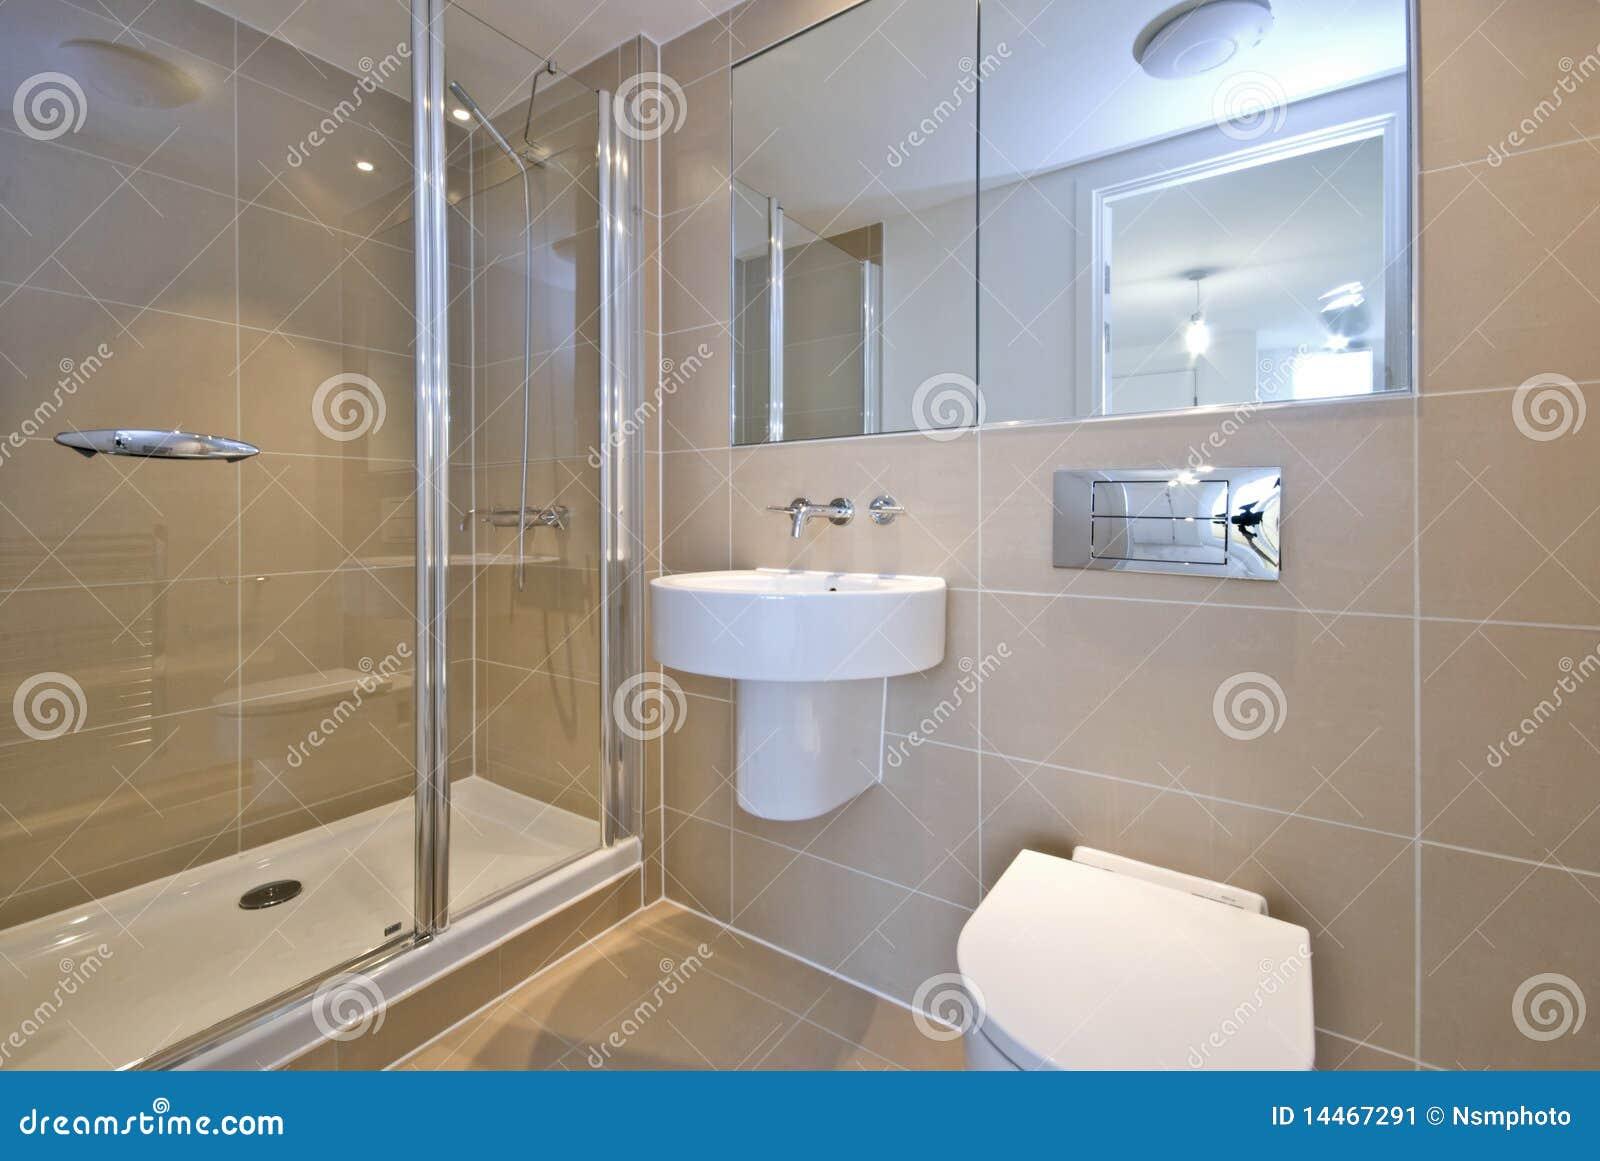 Cuarto de baño moderno de la en-habitación con la ducha